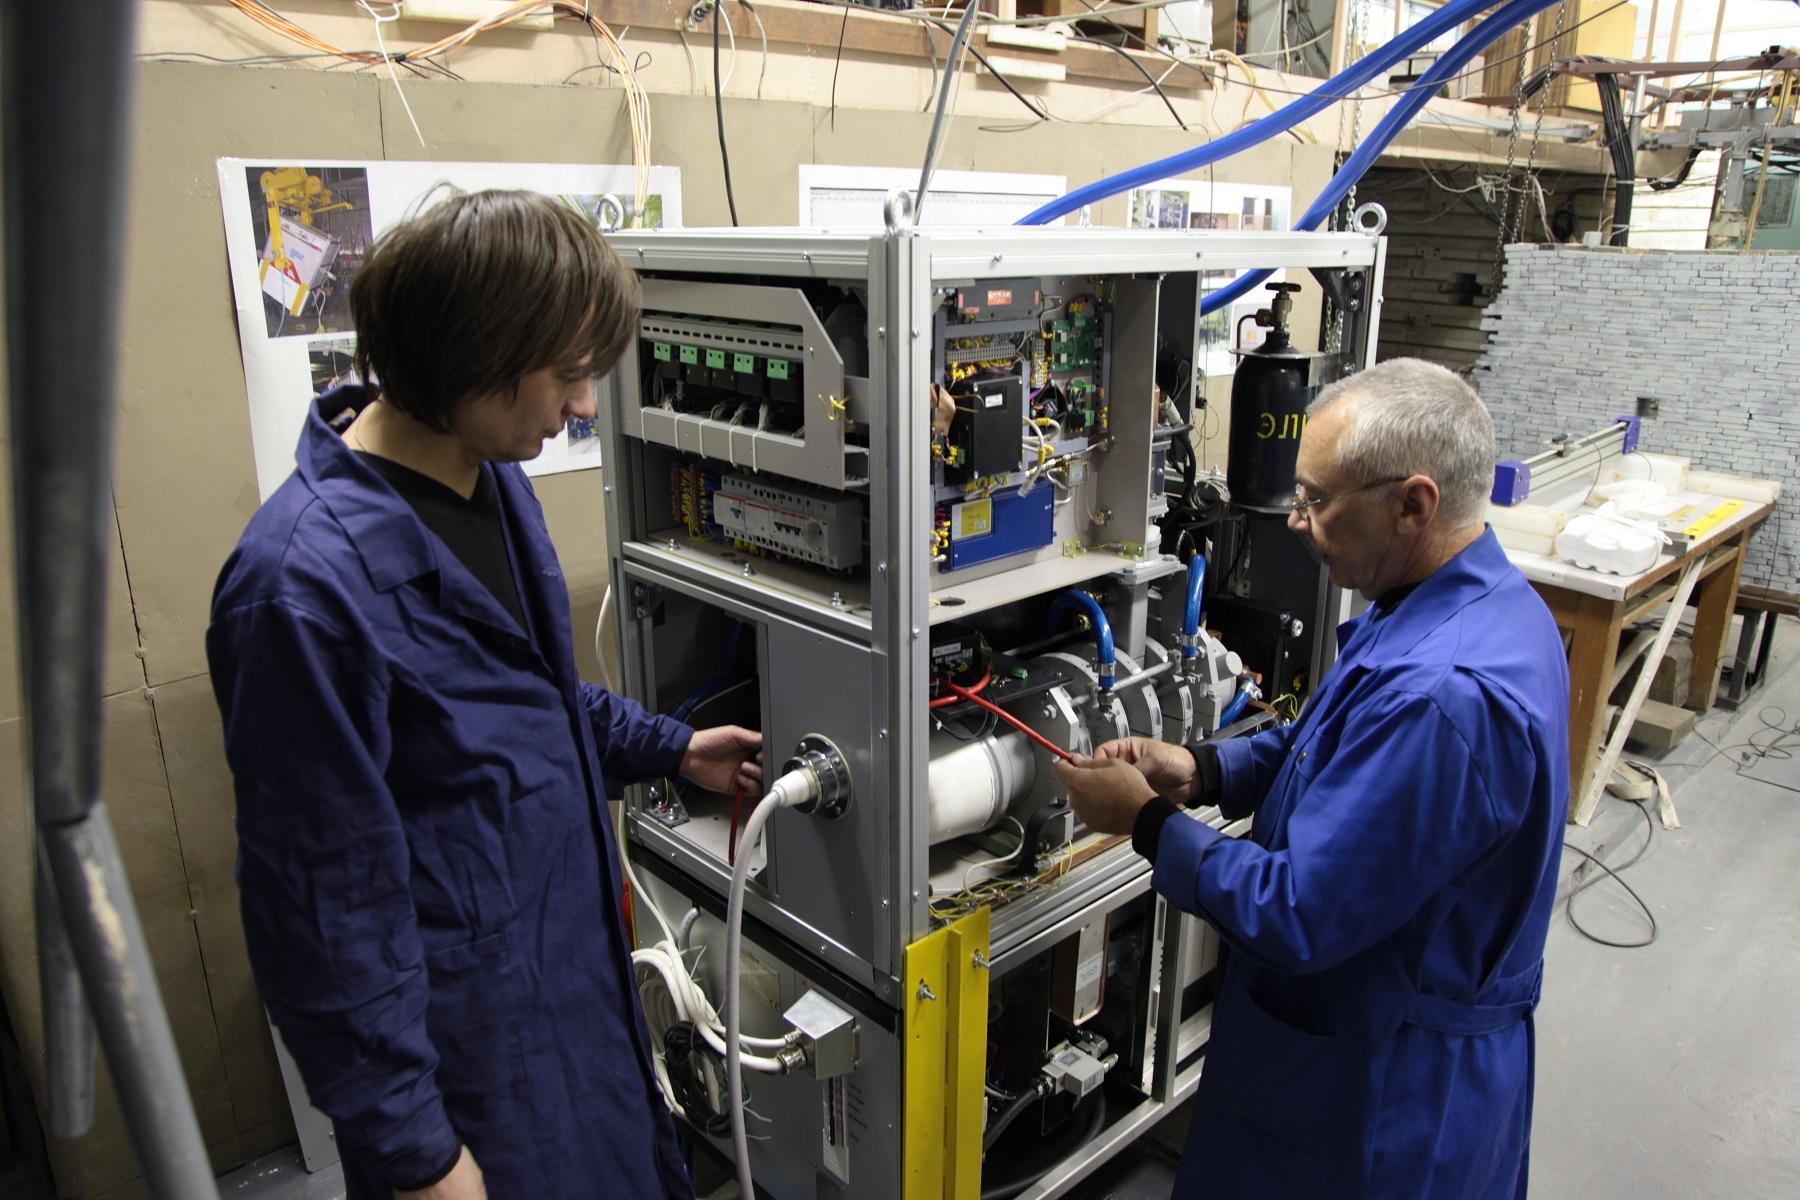 Ускоритель электронов для радиационной дефектоскопии. Фото: Олег Баринов